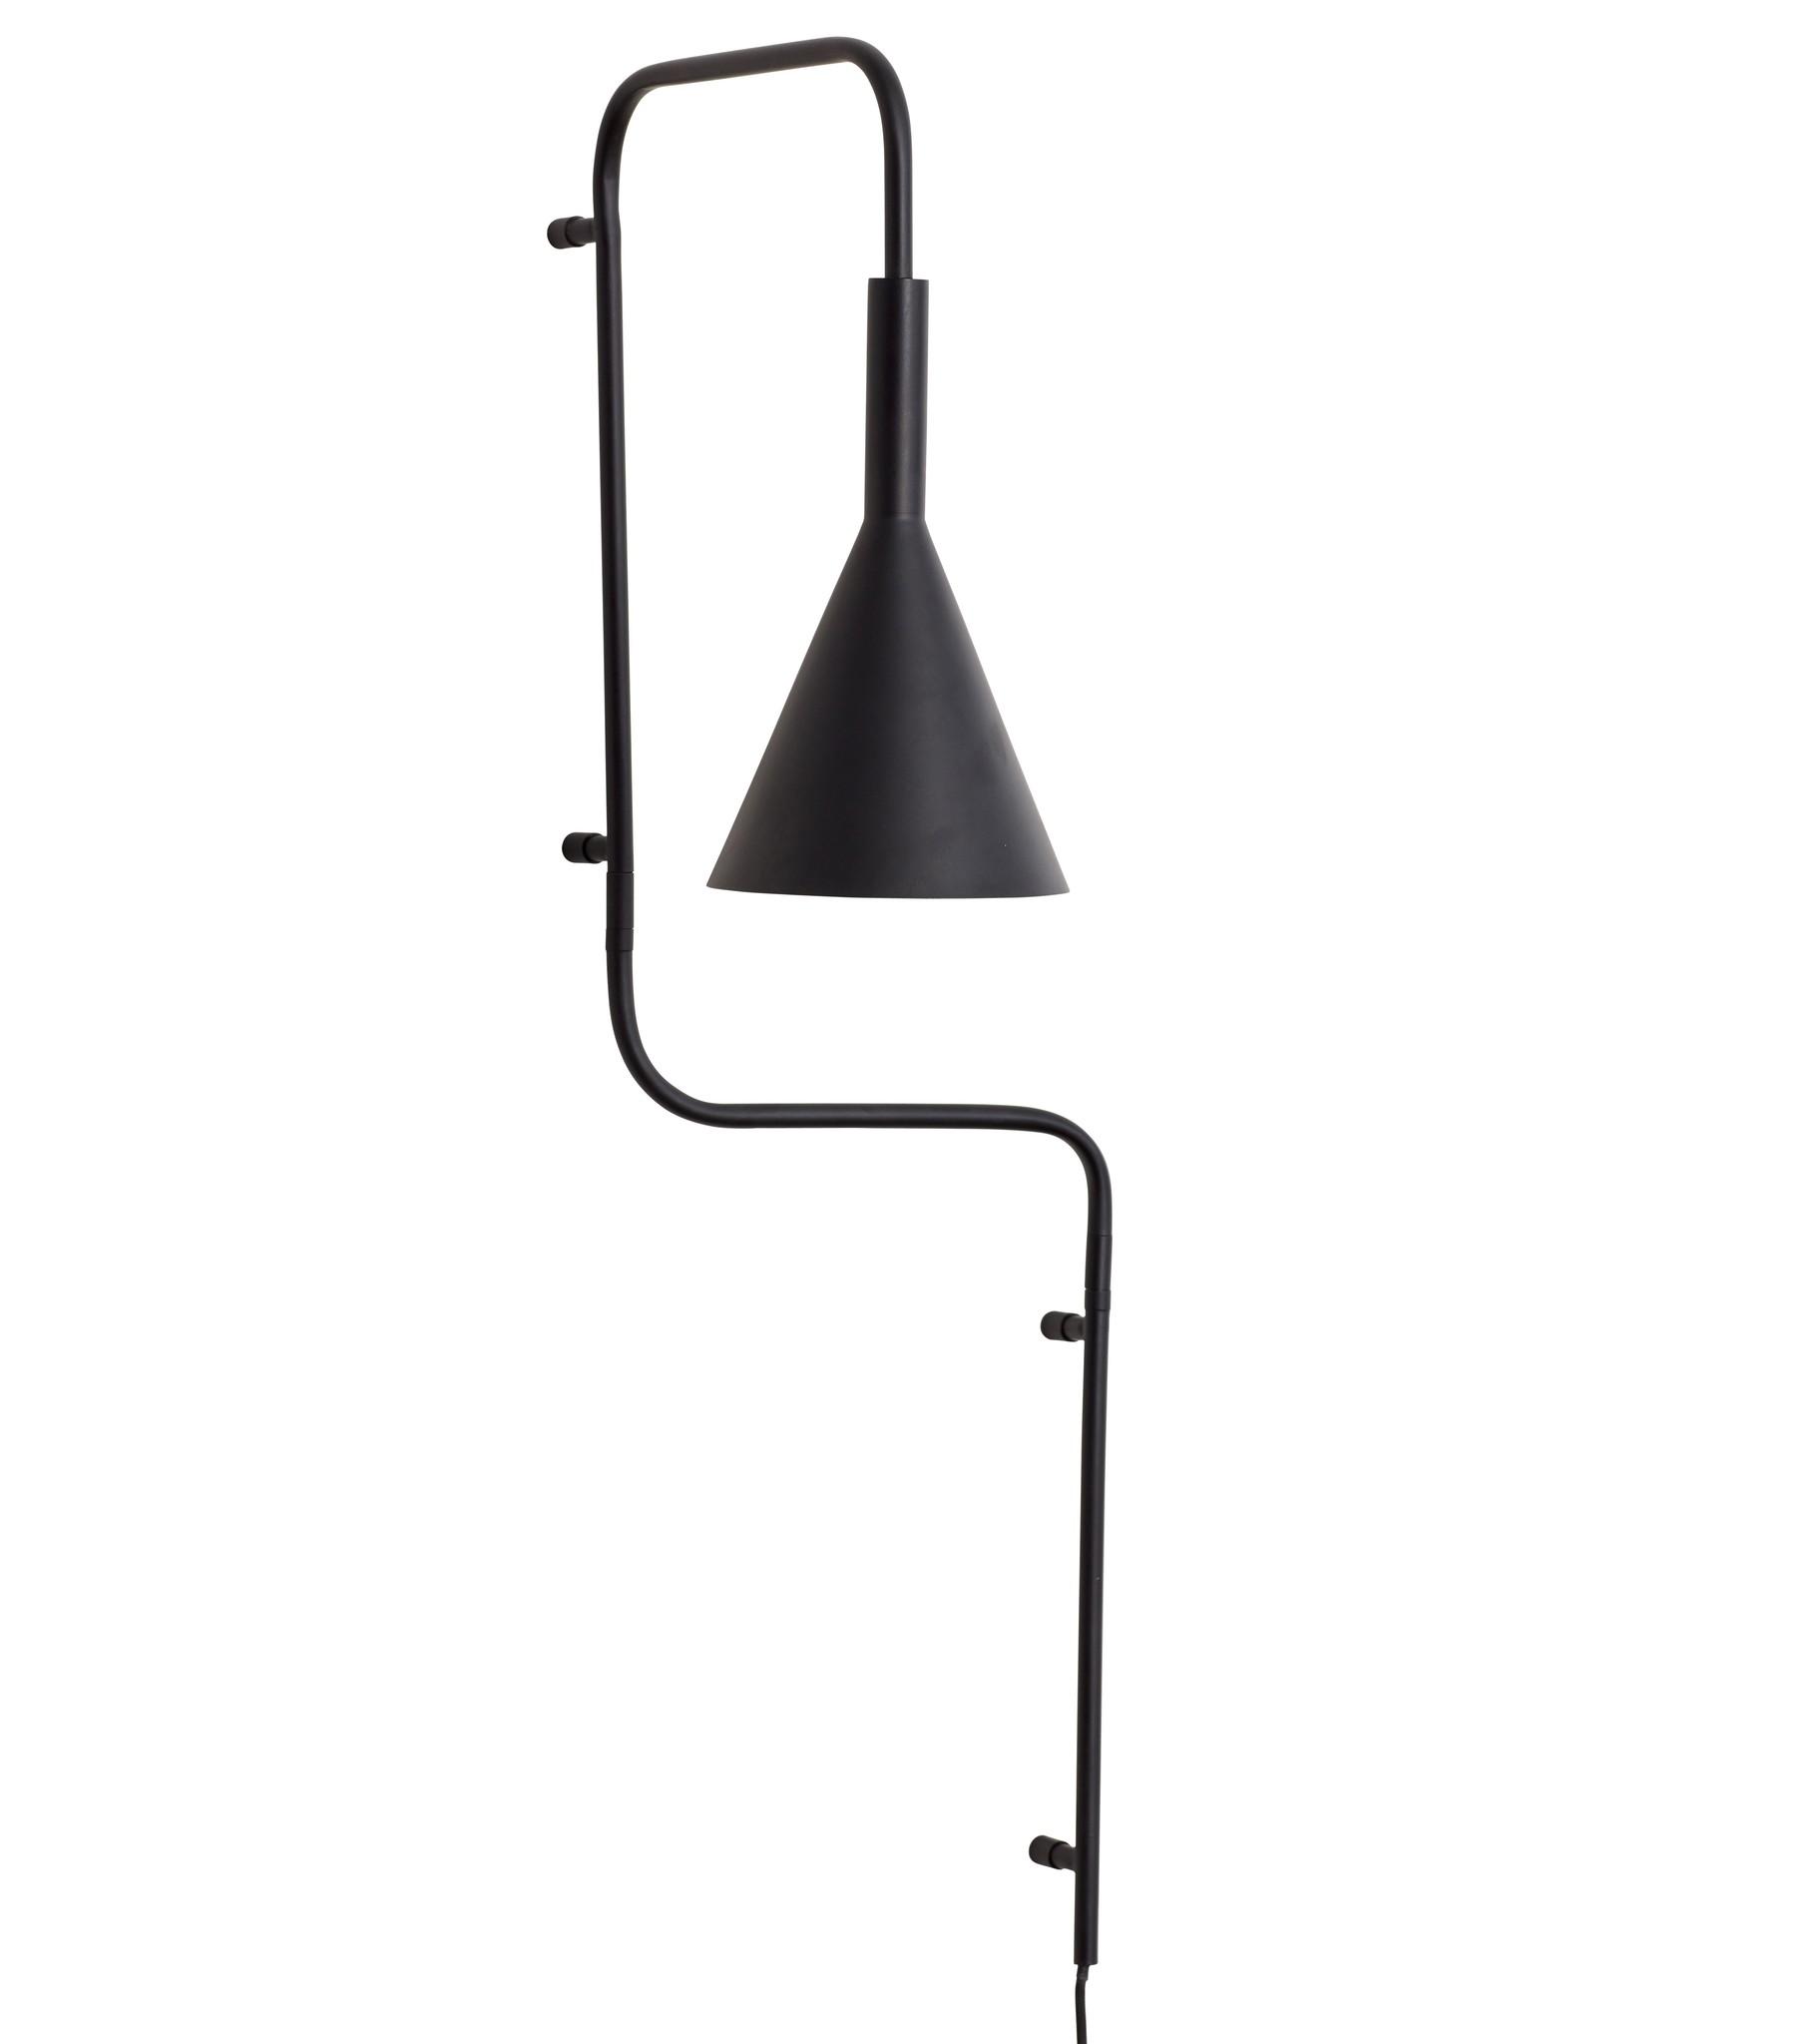 Hübsch wall lamp, black